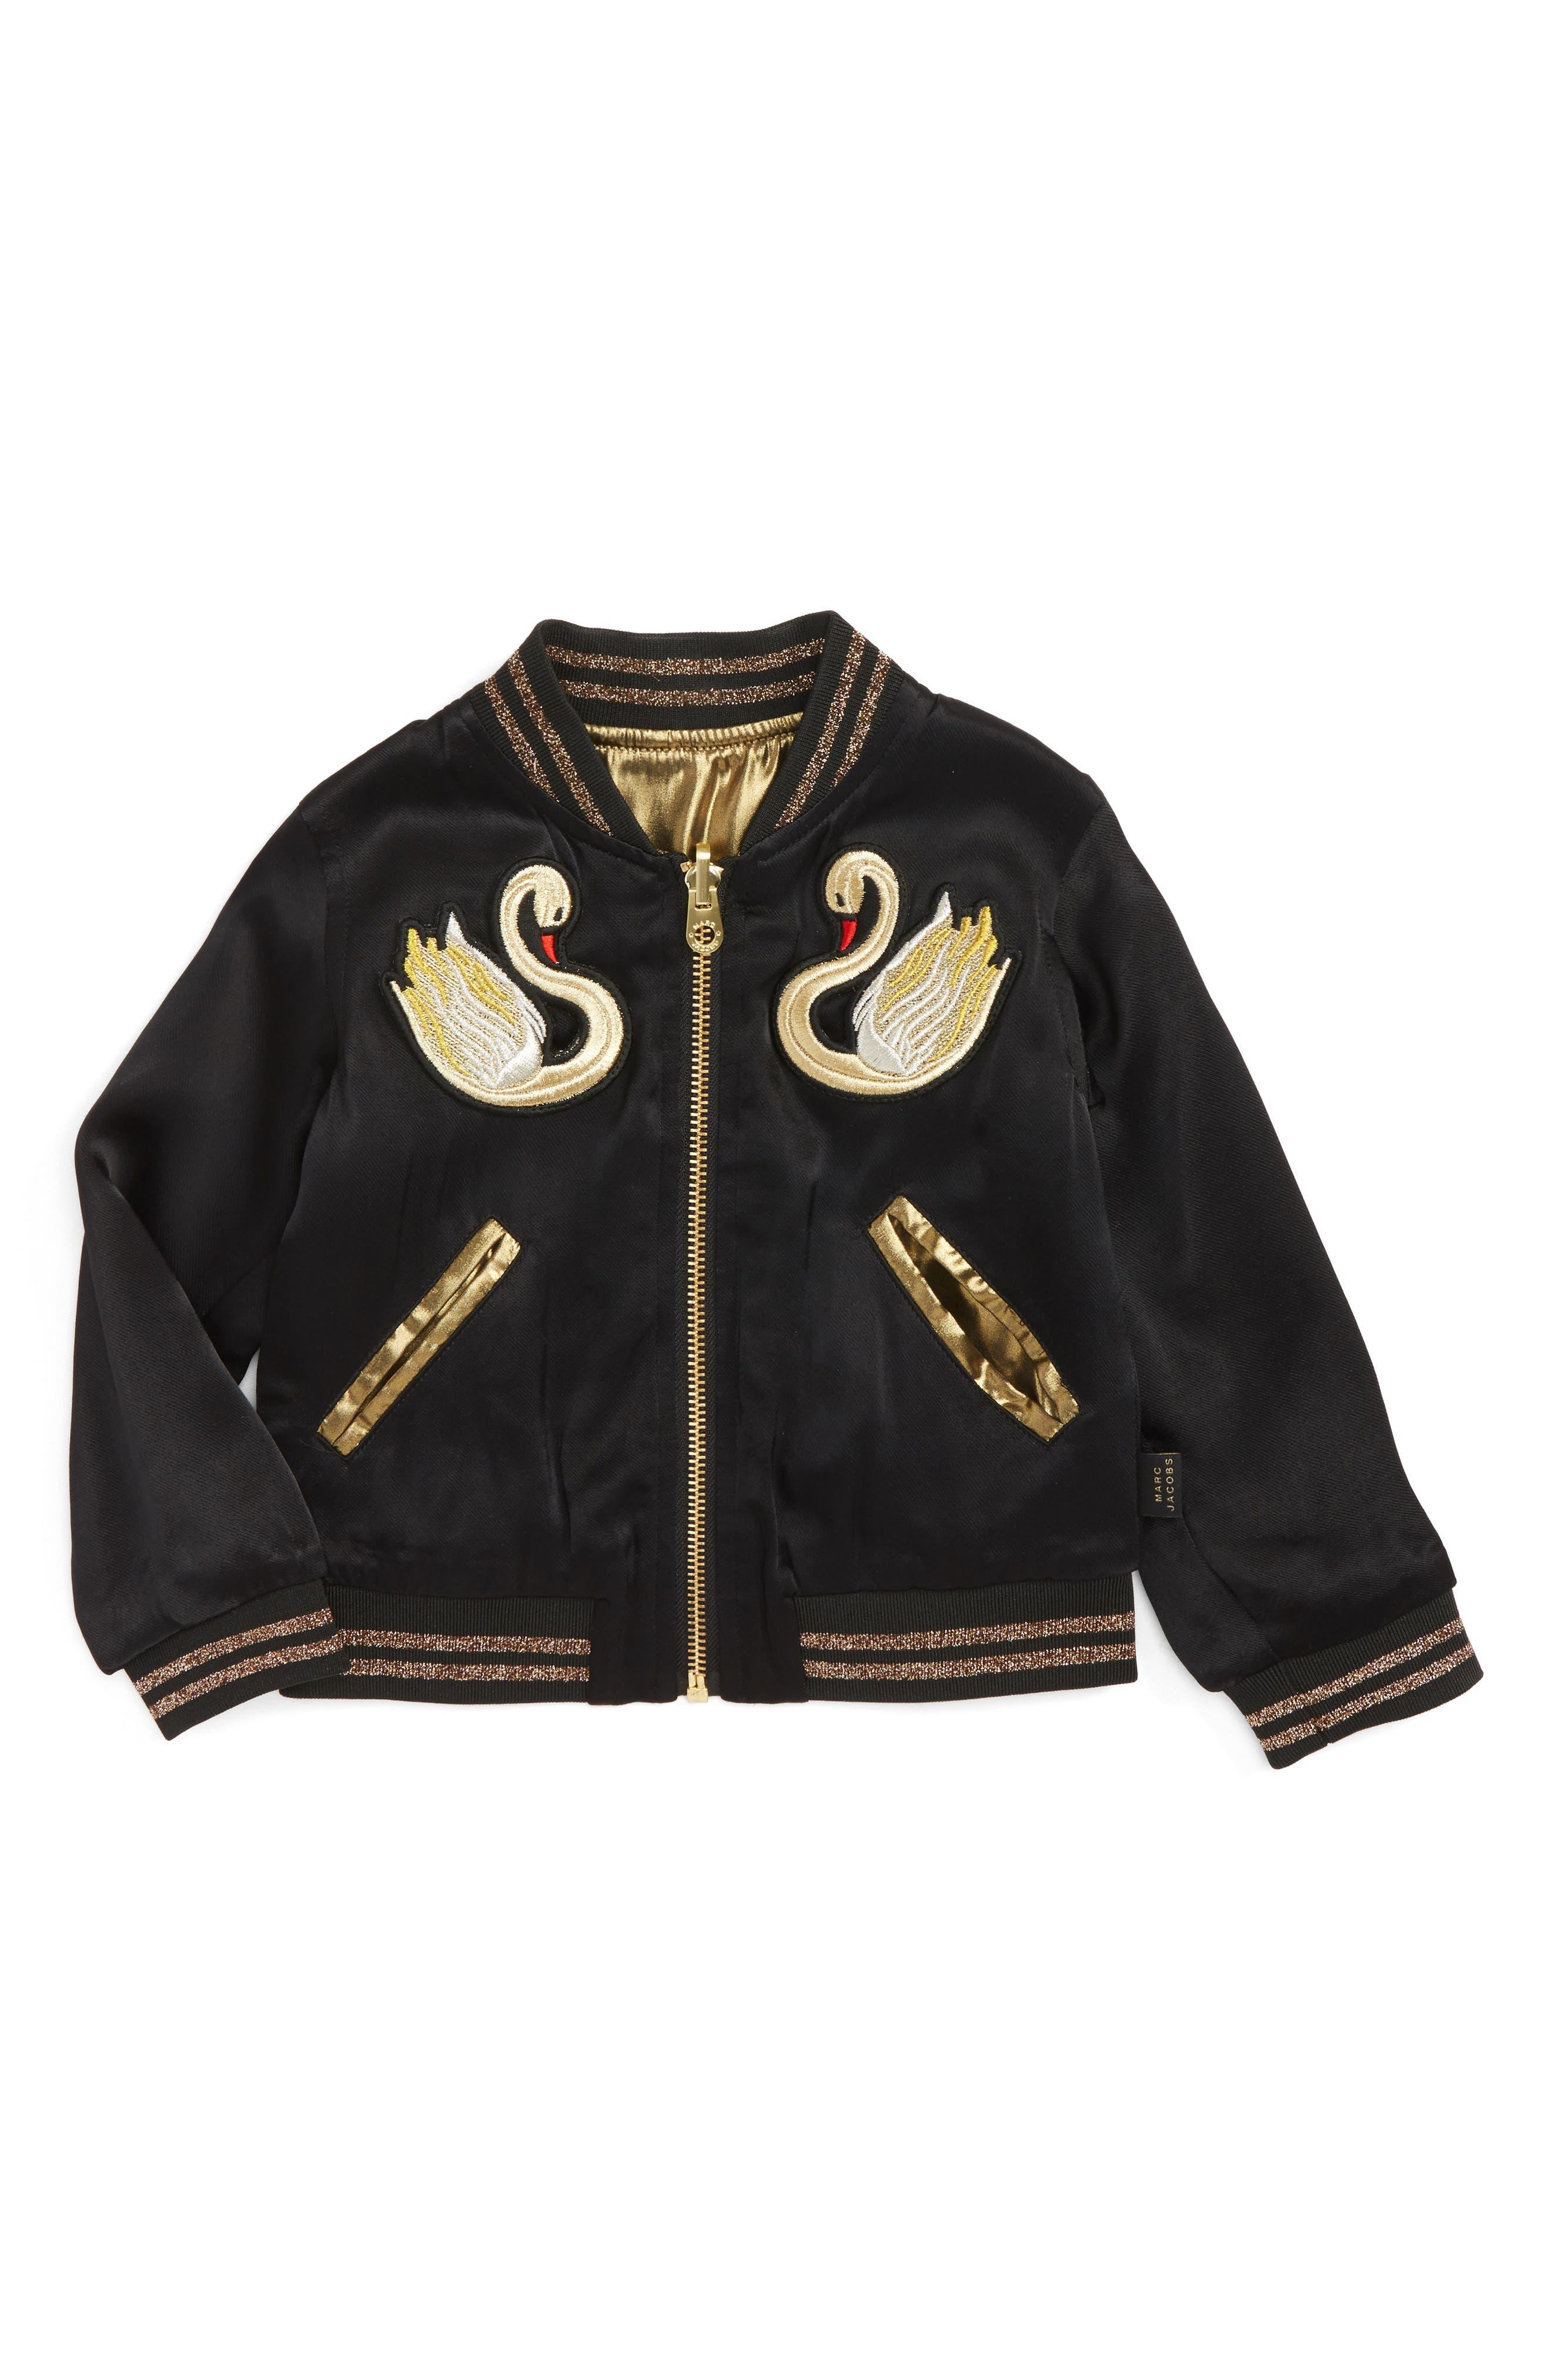 LITTLE MARC JACOBS Reversible Swan & Star Bomber Jacket (Toddler Girls, Little Girls & Big Girls)